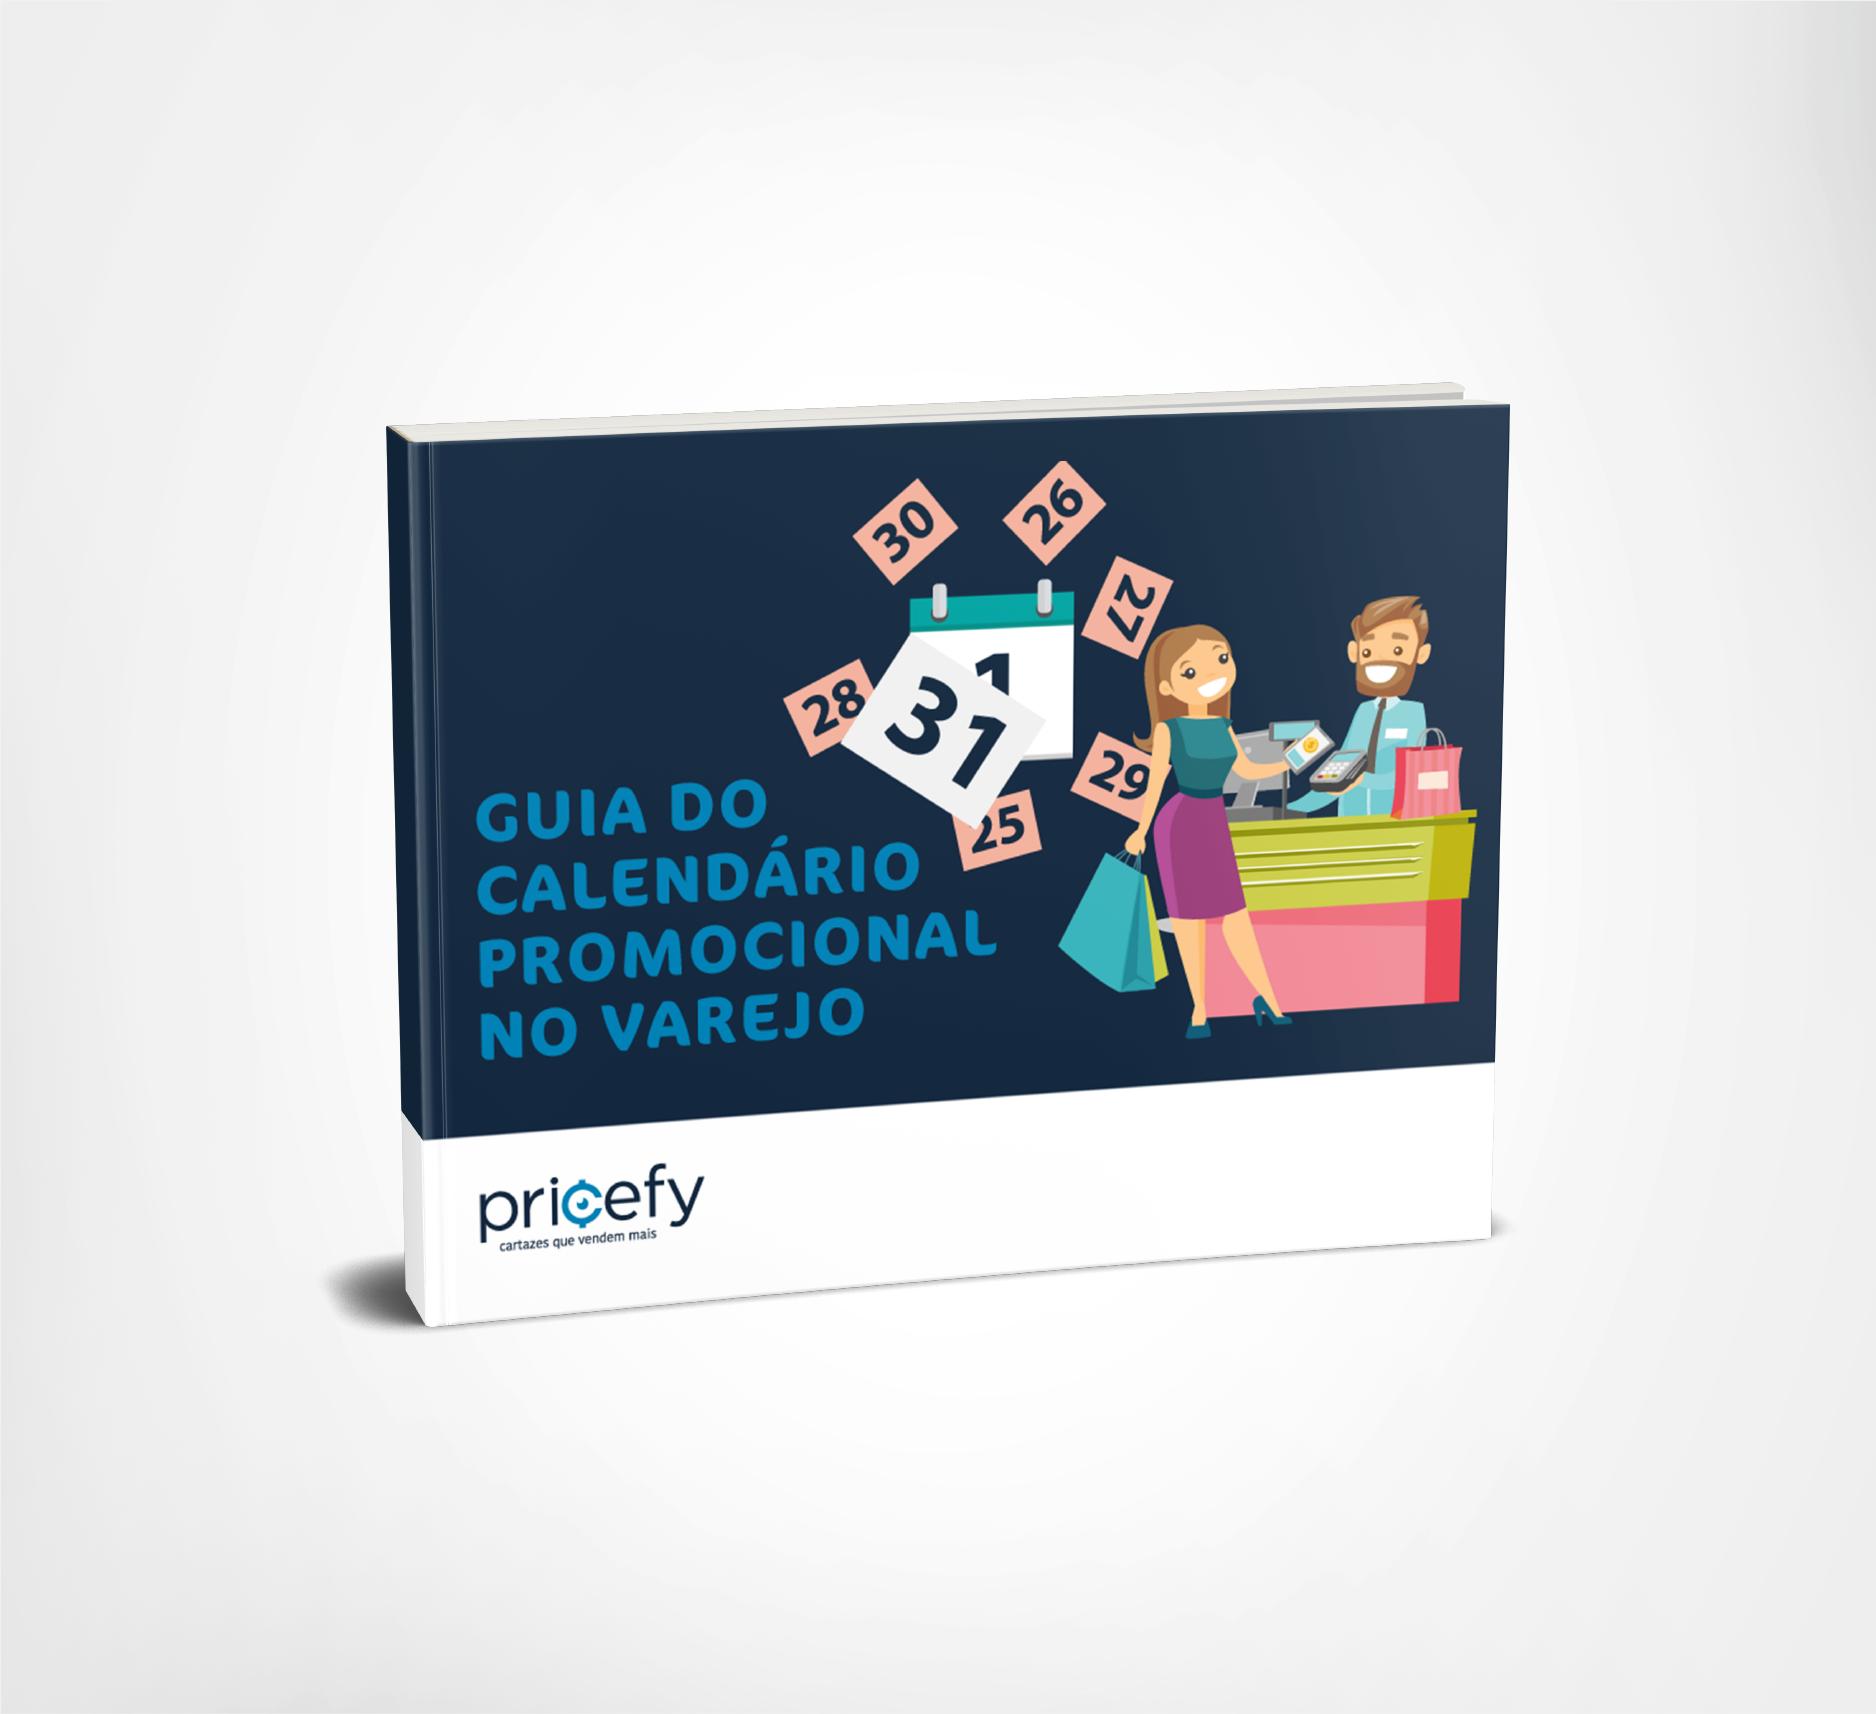 [E-book] Guia do Calendário Promocional